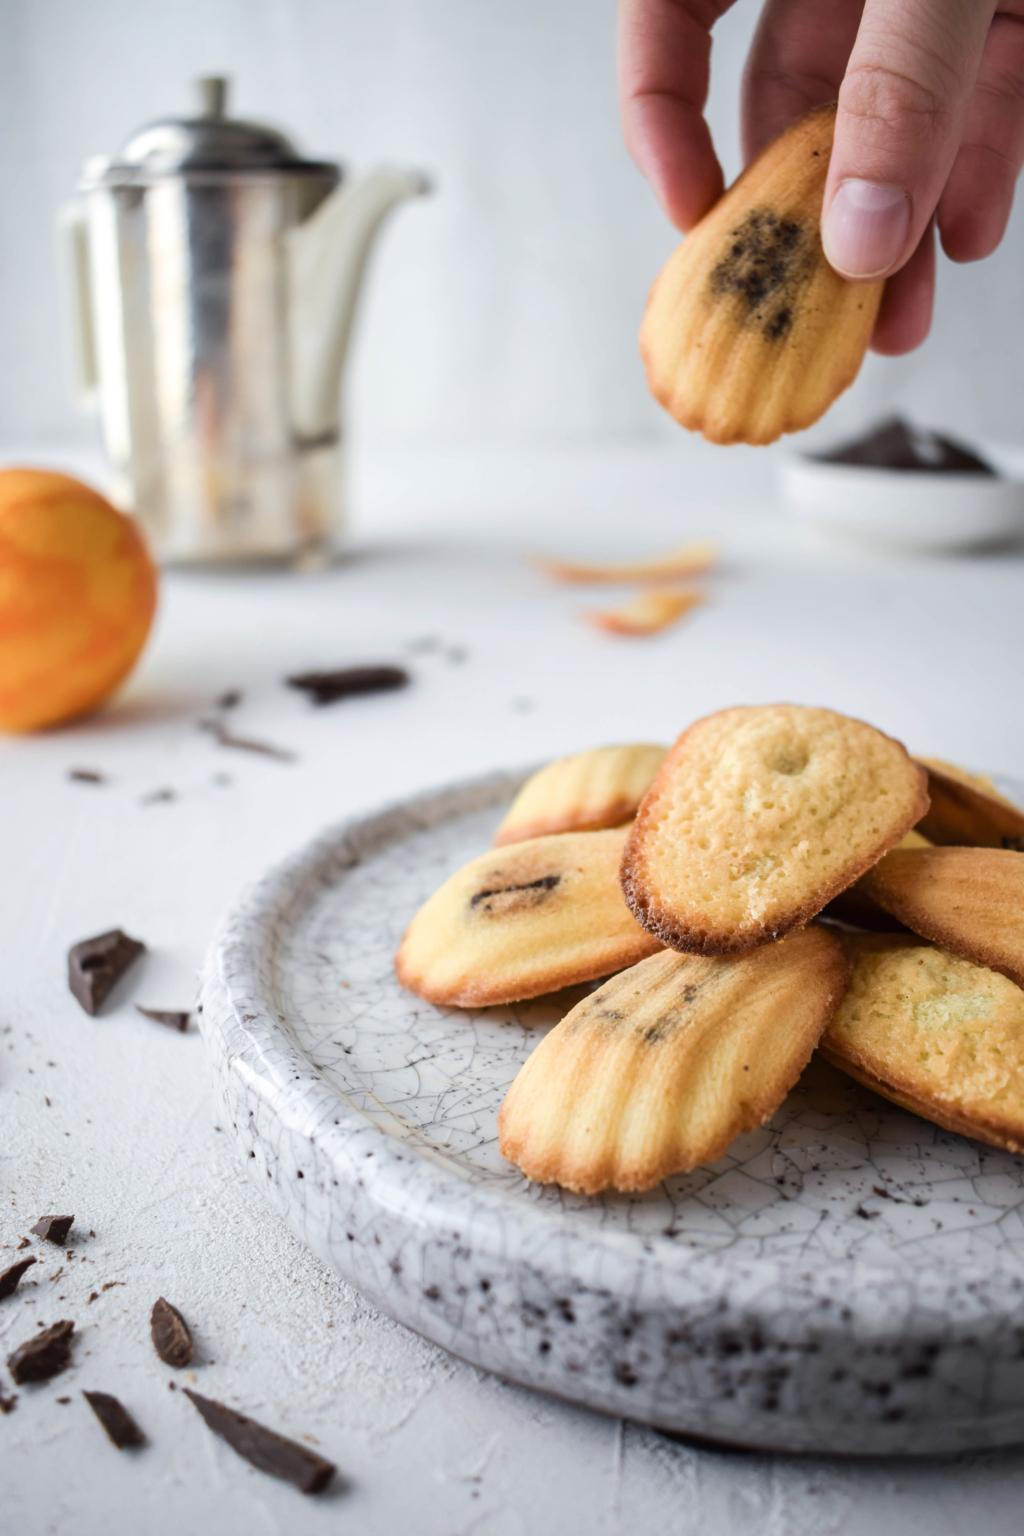 Rezept für saftige und schnell gemachte Madeleines mit Orange und einem cremigen Kern aus dunkler Schokolade. Traditionelles französisches Teegebäck.